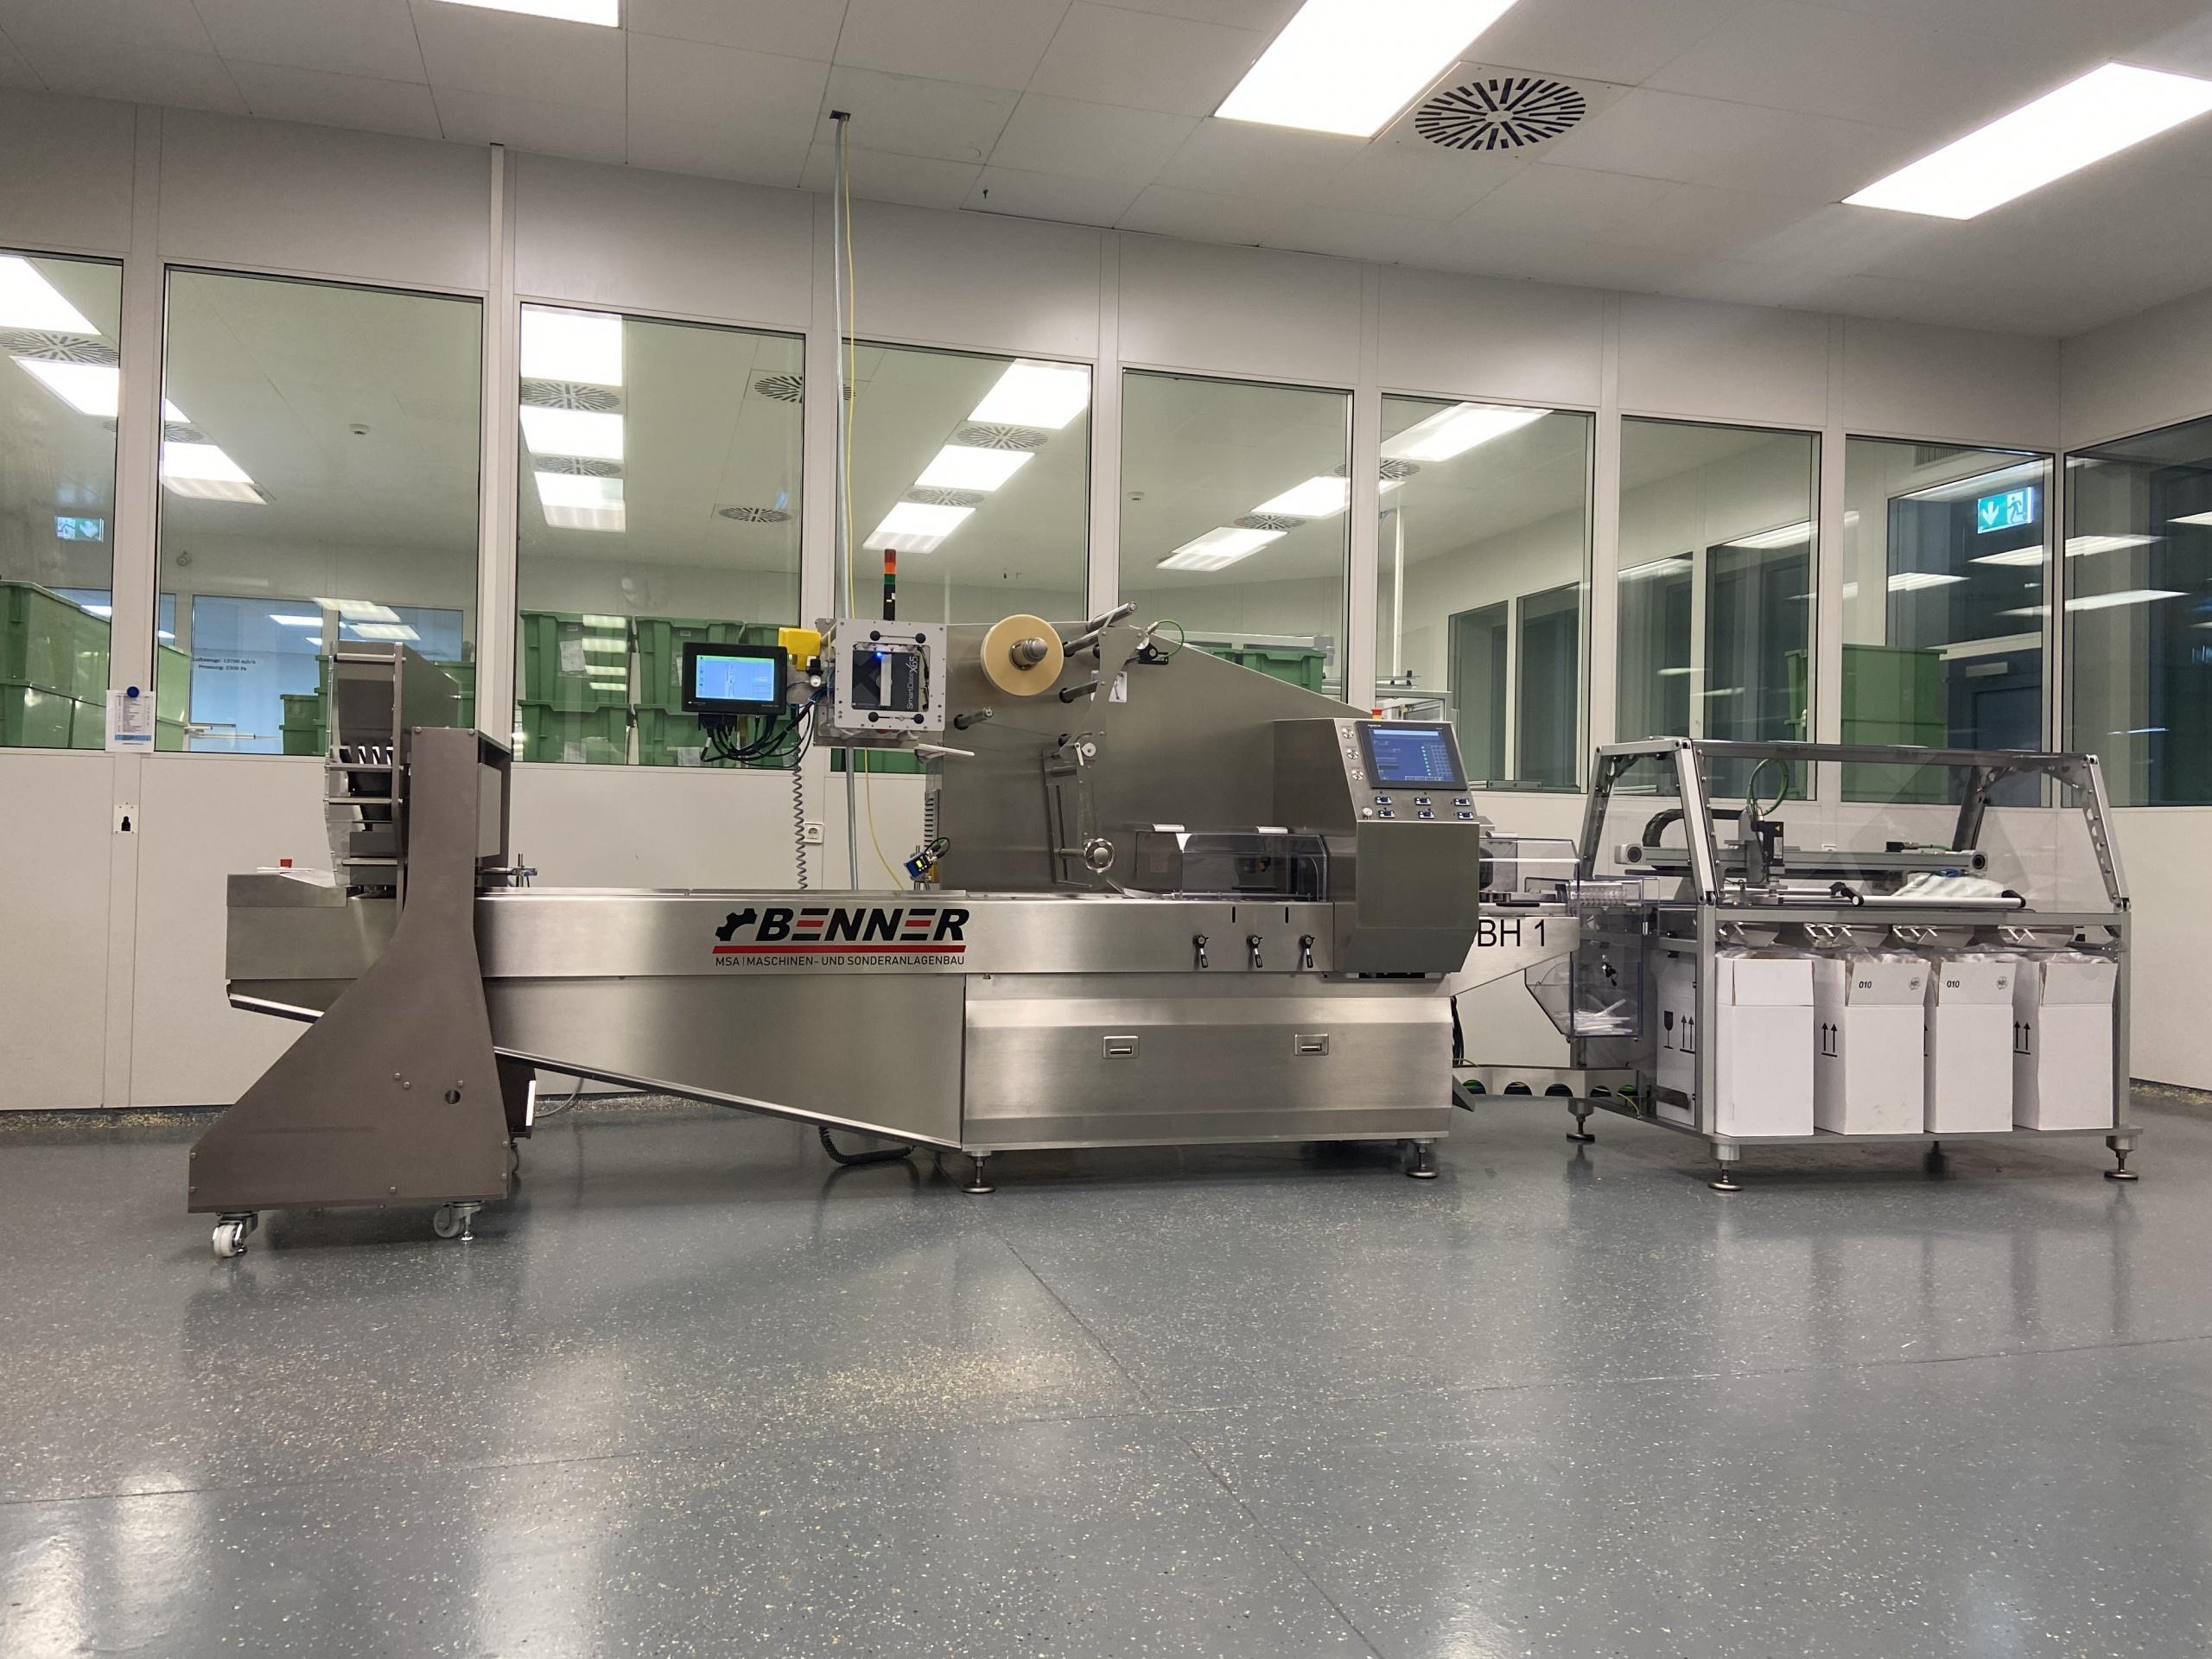 Schlauchbeutelmaschine(Flowpack) SBH1 mit Zuführung und Zählautomat Pharma 08